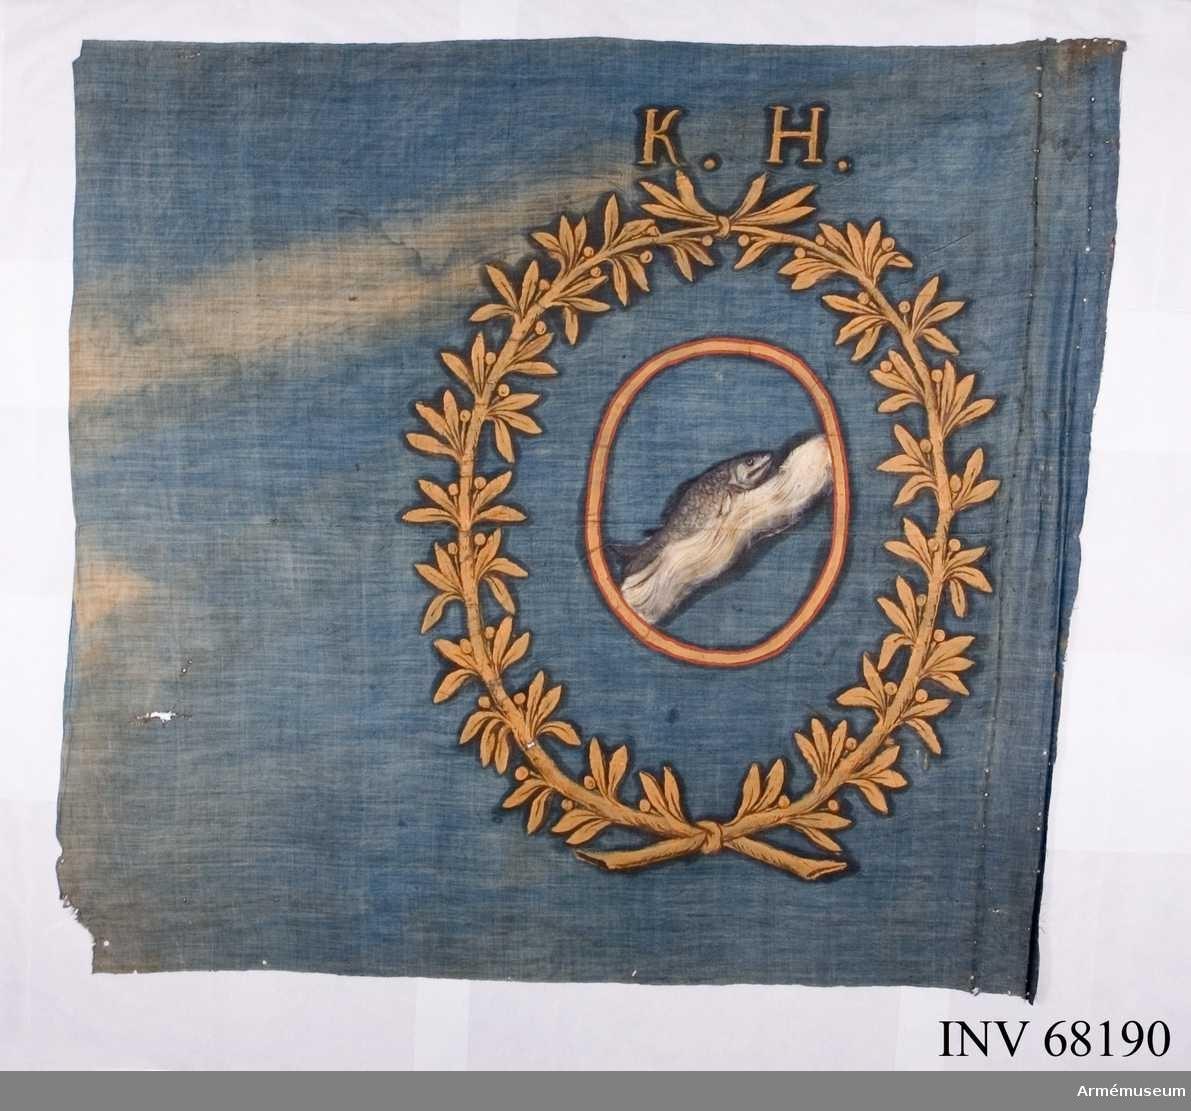 Duk: Tillverkad av enkel blå linnelärft. Två våder sammansydda. Fåll åt fandukens utsida. Vertikala ytterkantsfållen lagd åt utsidan. Duken fäst med häftstift på felsida.  Dekor:  Målad, omvänt lika på båda sidor. En oval sköld med gul och liten röd kant vari en böljande vatten, och i strömmen en uppåt simmande fisk.  Skölden omslutes av en upptill och nedtill hopknuten krans av två lagerkvistar i gult med bär också i gult. Bokstäver i gult längs överkanten.  Stång: Tillverkad av trä, grönmålad. Avsågad.